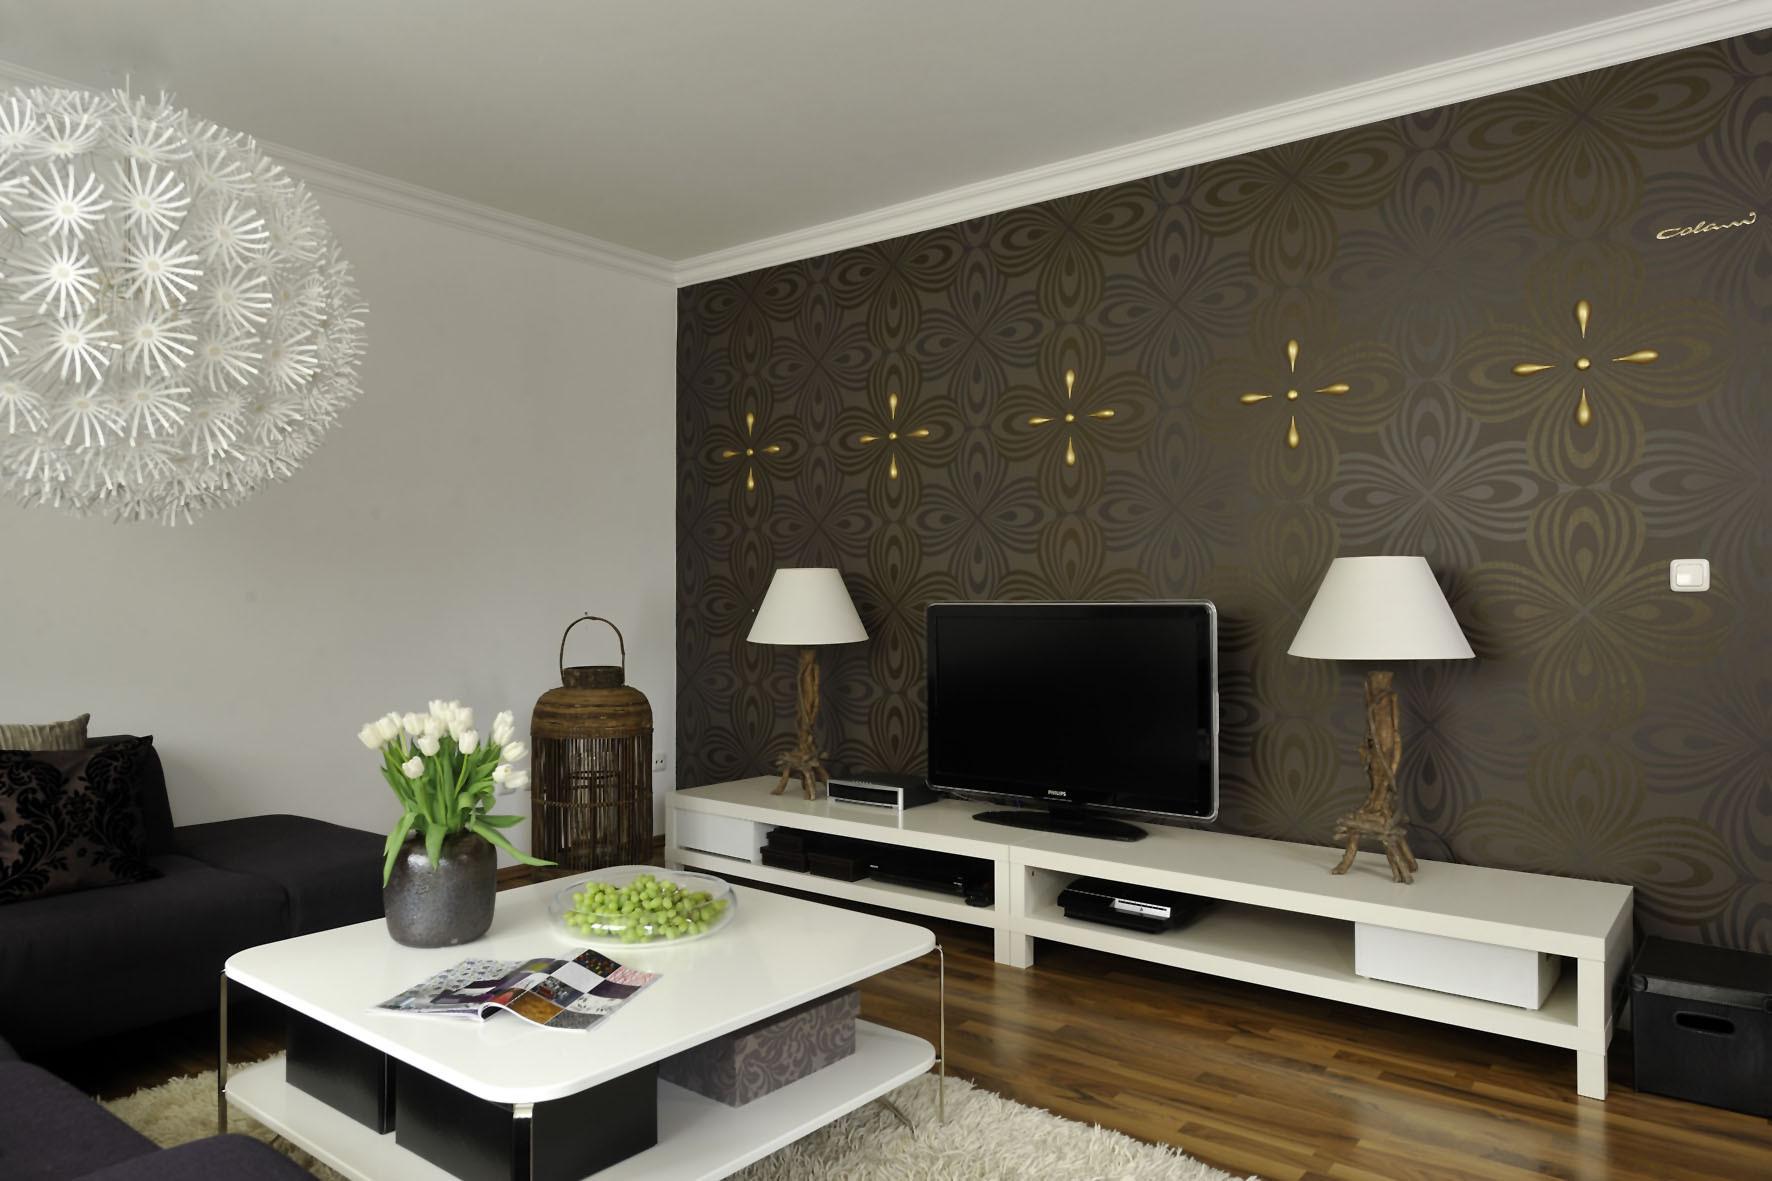 Wandgestaltung Mit Drei Farben Schön On Andere In Für Style Ideen Farbe Wohnzimmer 6